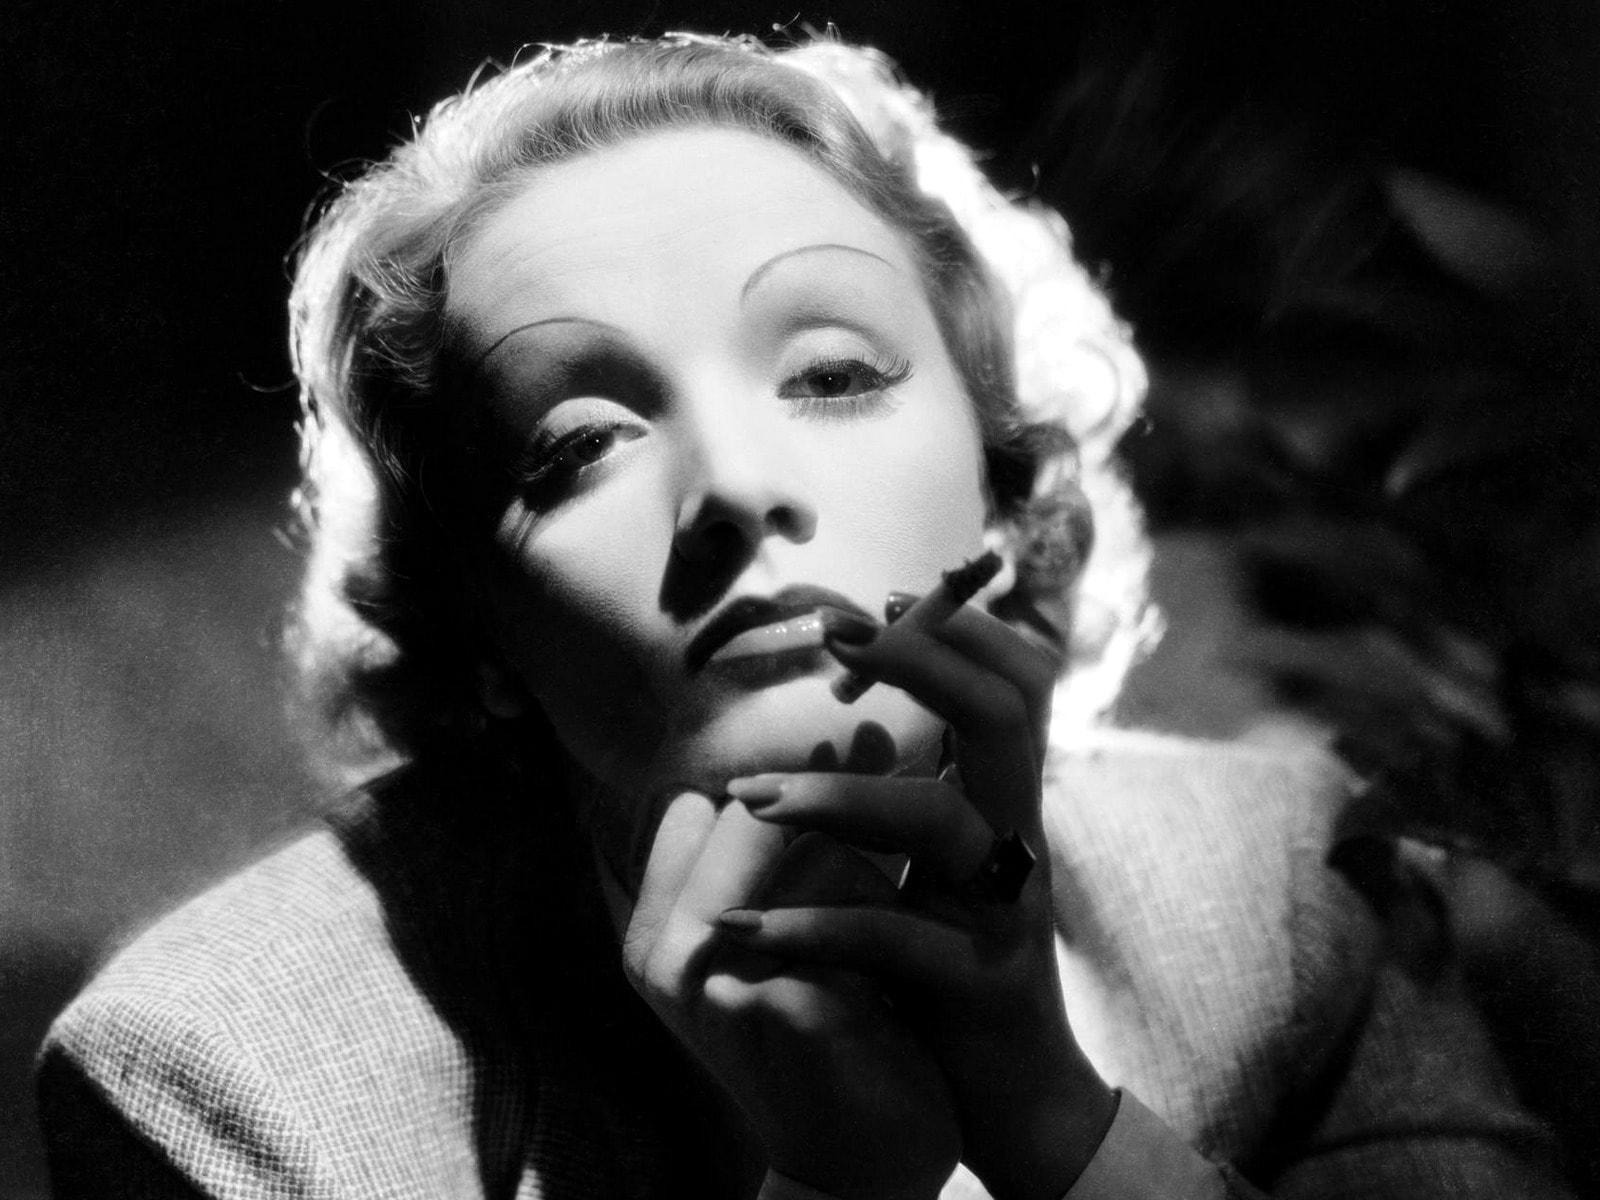 Marlene Dietrich Background